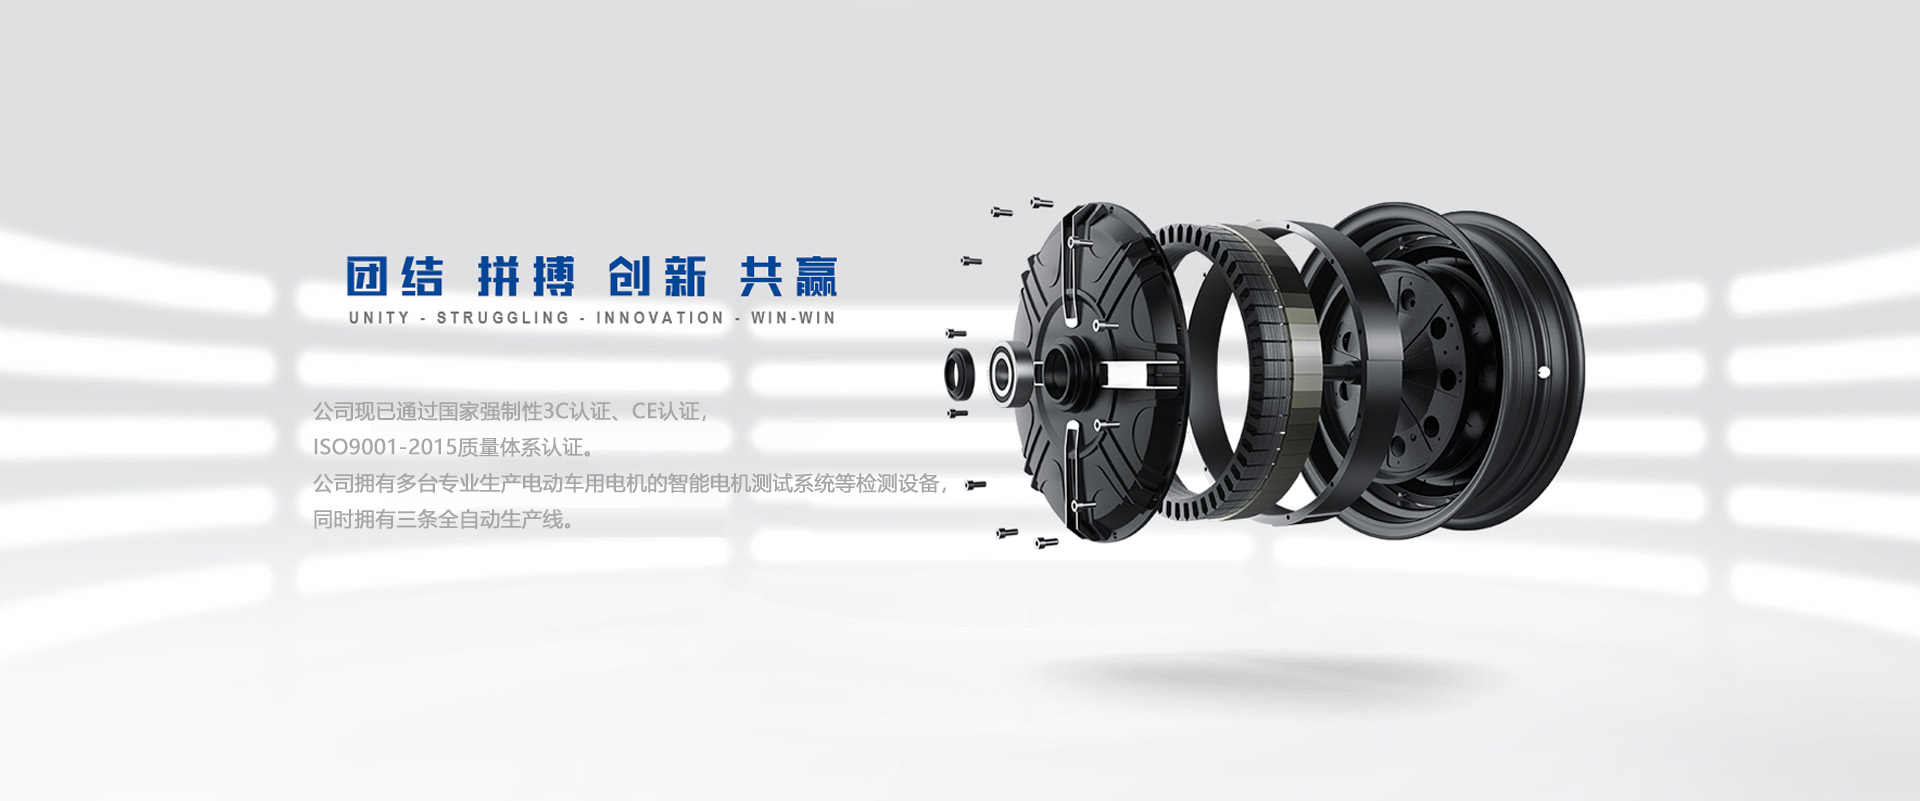 电动车电机厂家,锂电车电机,电摩电机价格